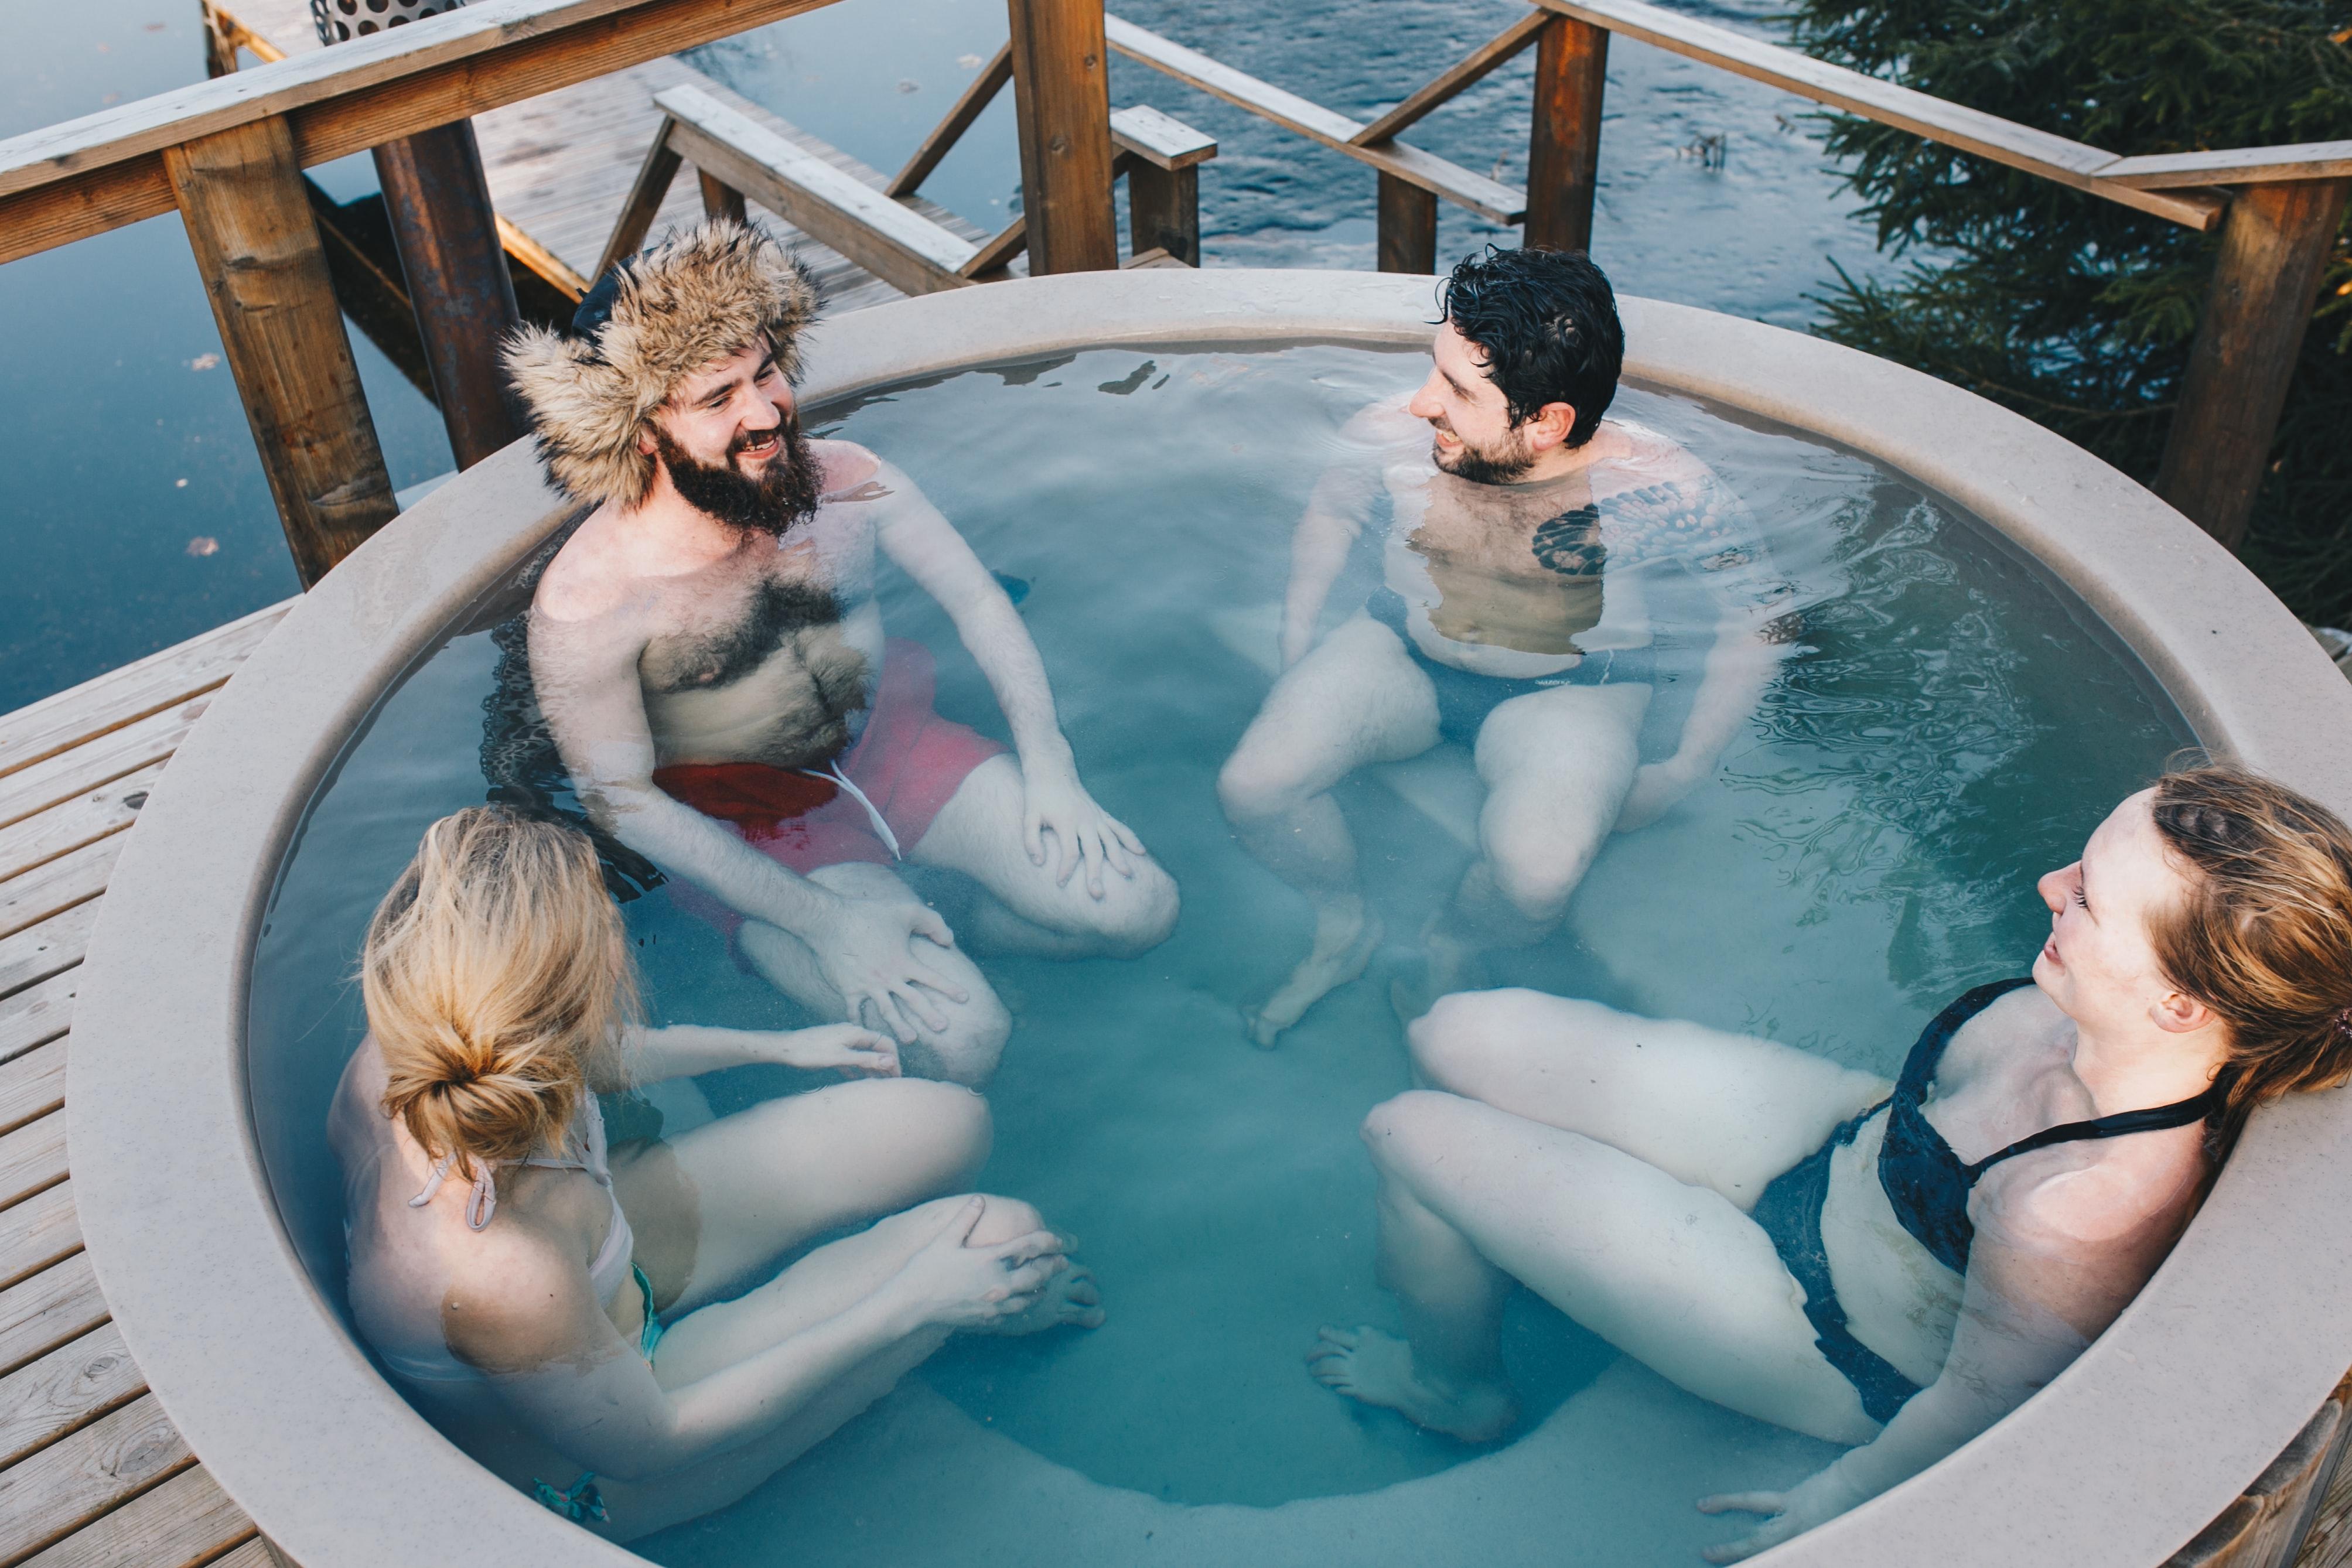 estonian-saunas-TomtMSvcneo-unsplash